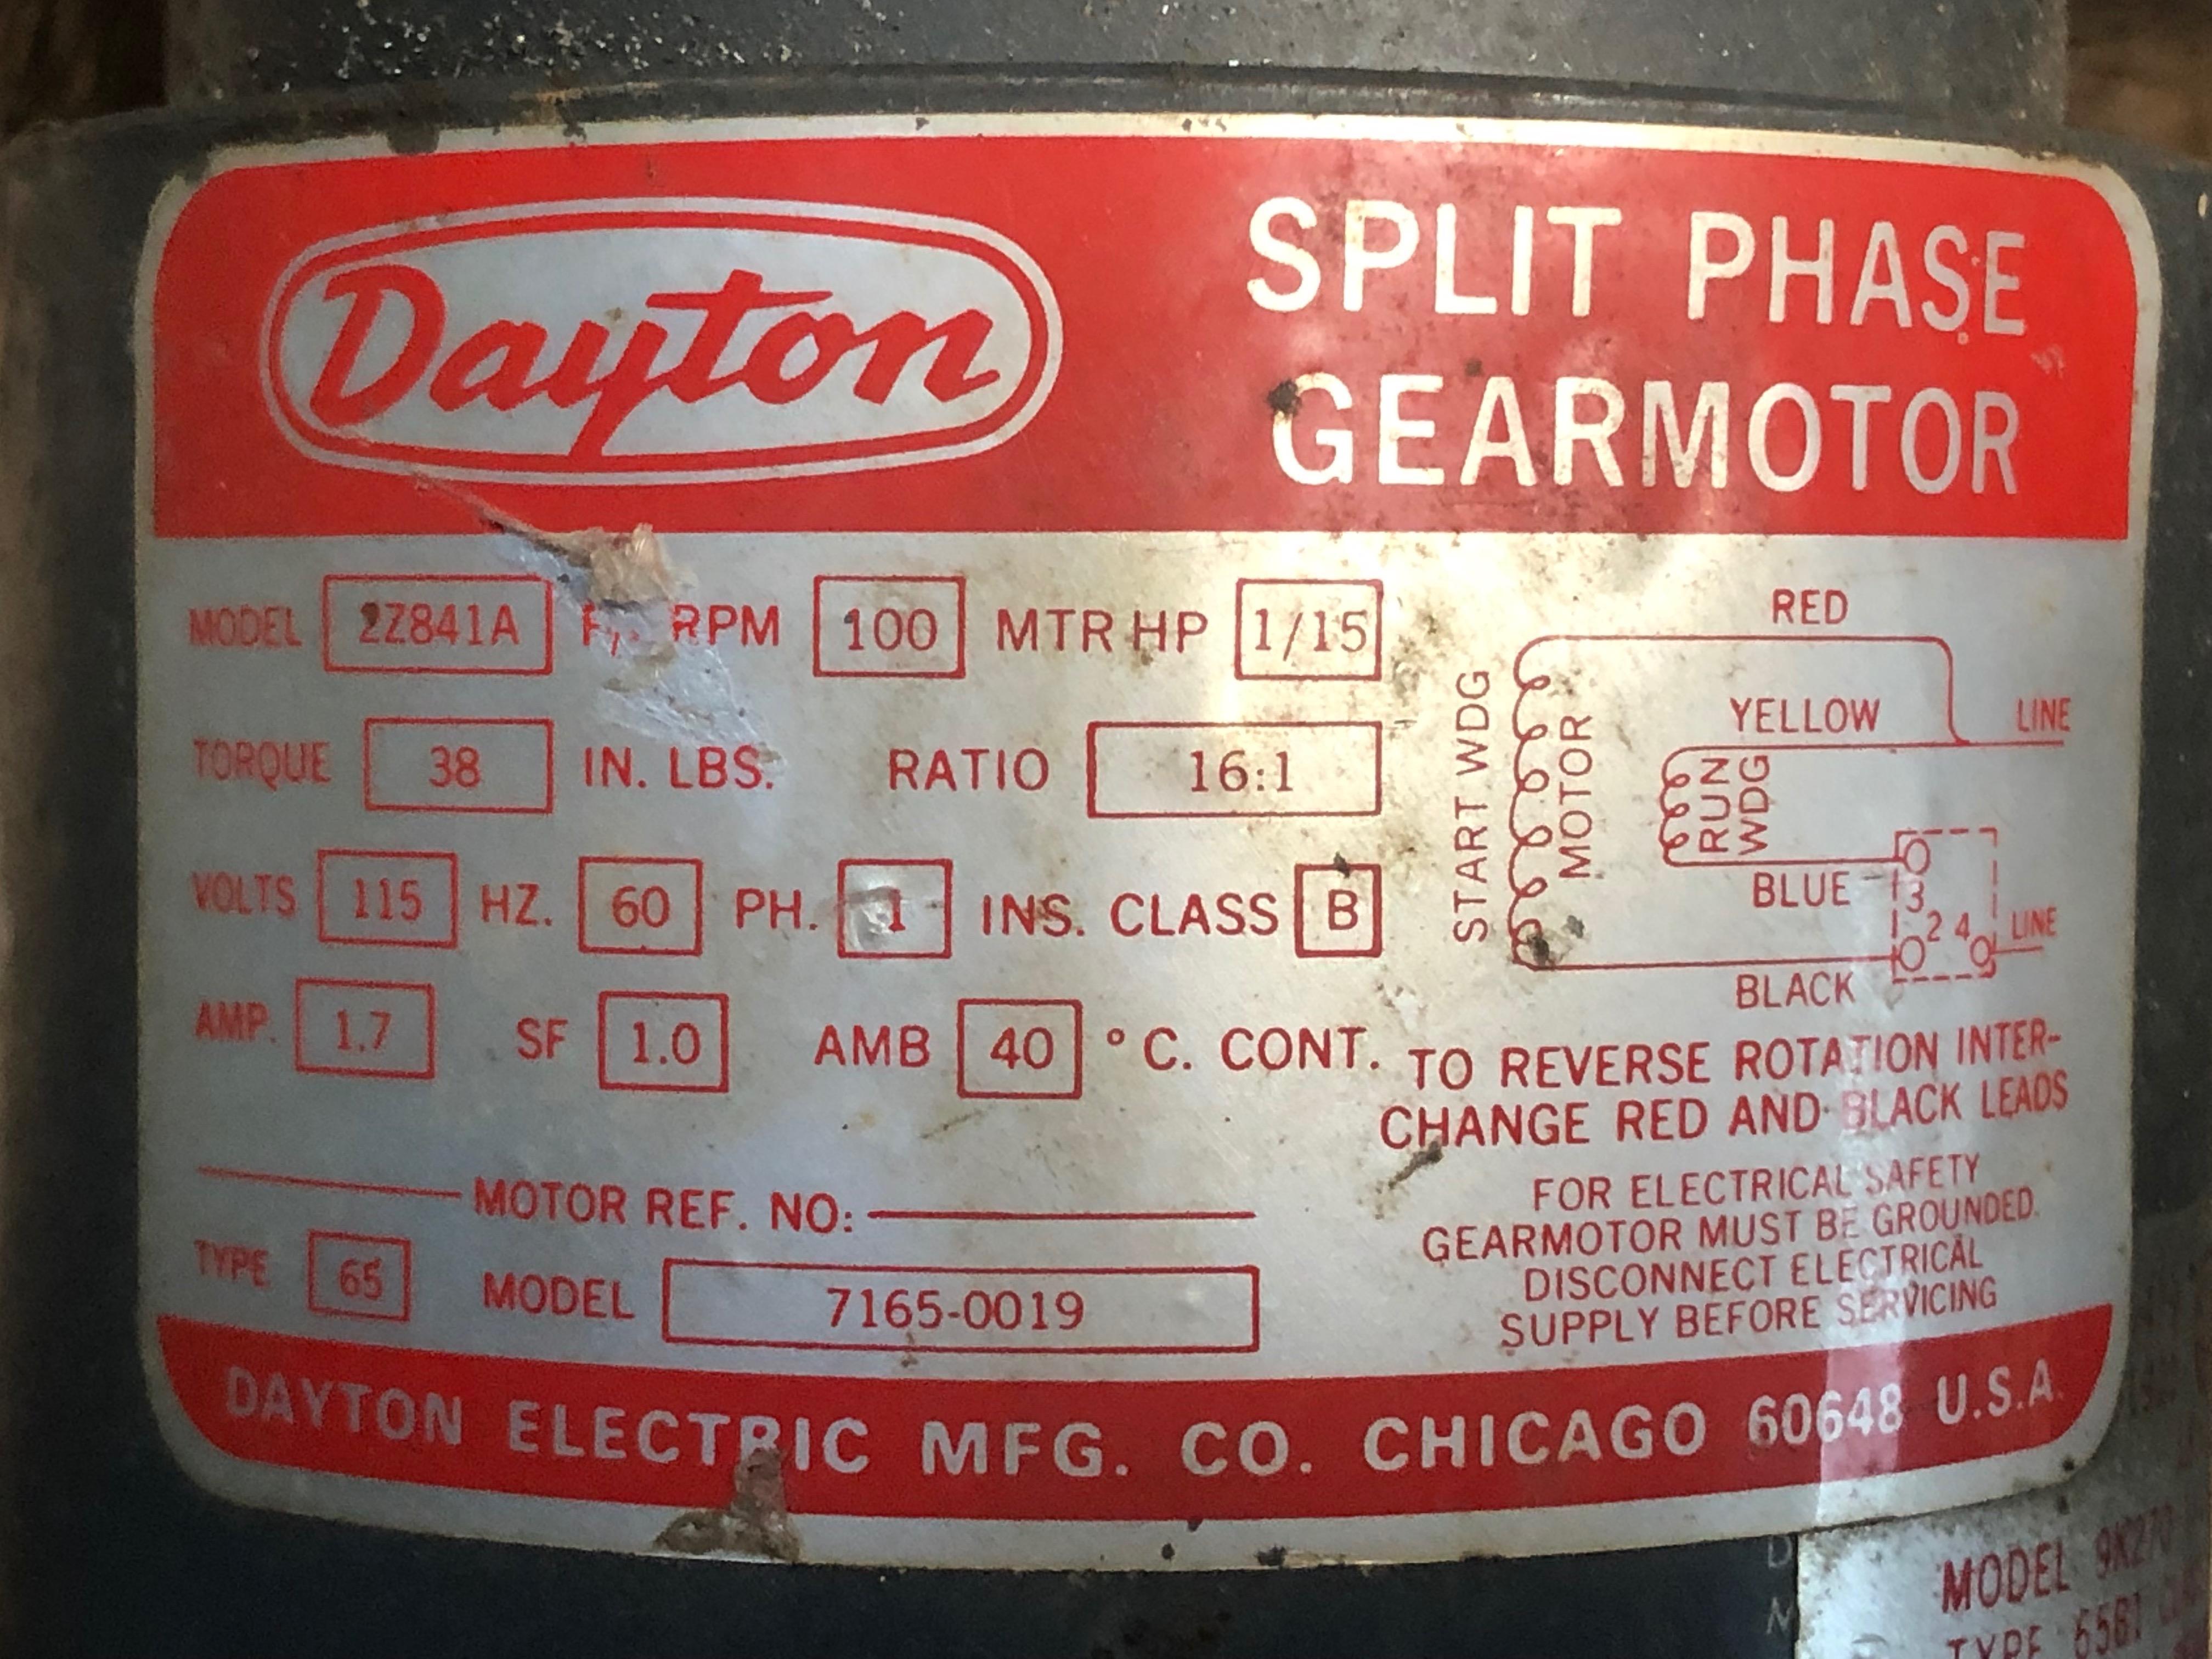 Motor electric Dayton new in box  115V Split Phase gearmotor